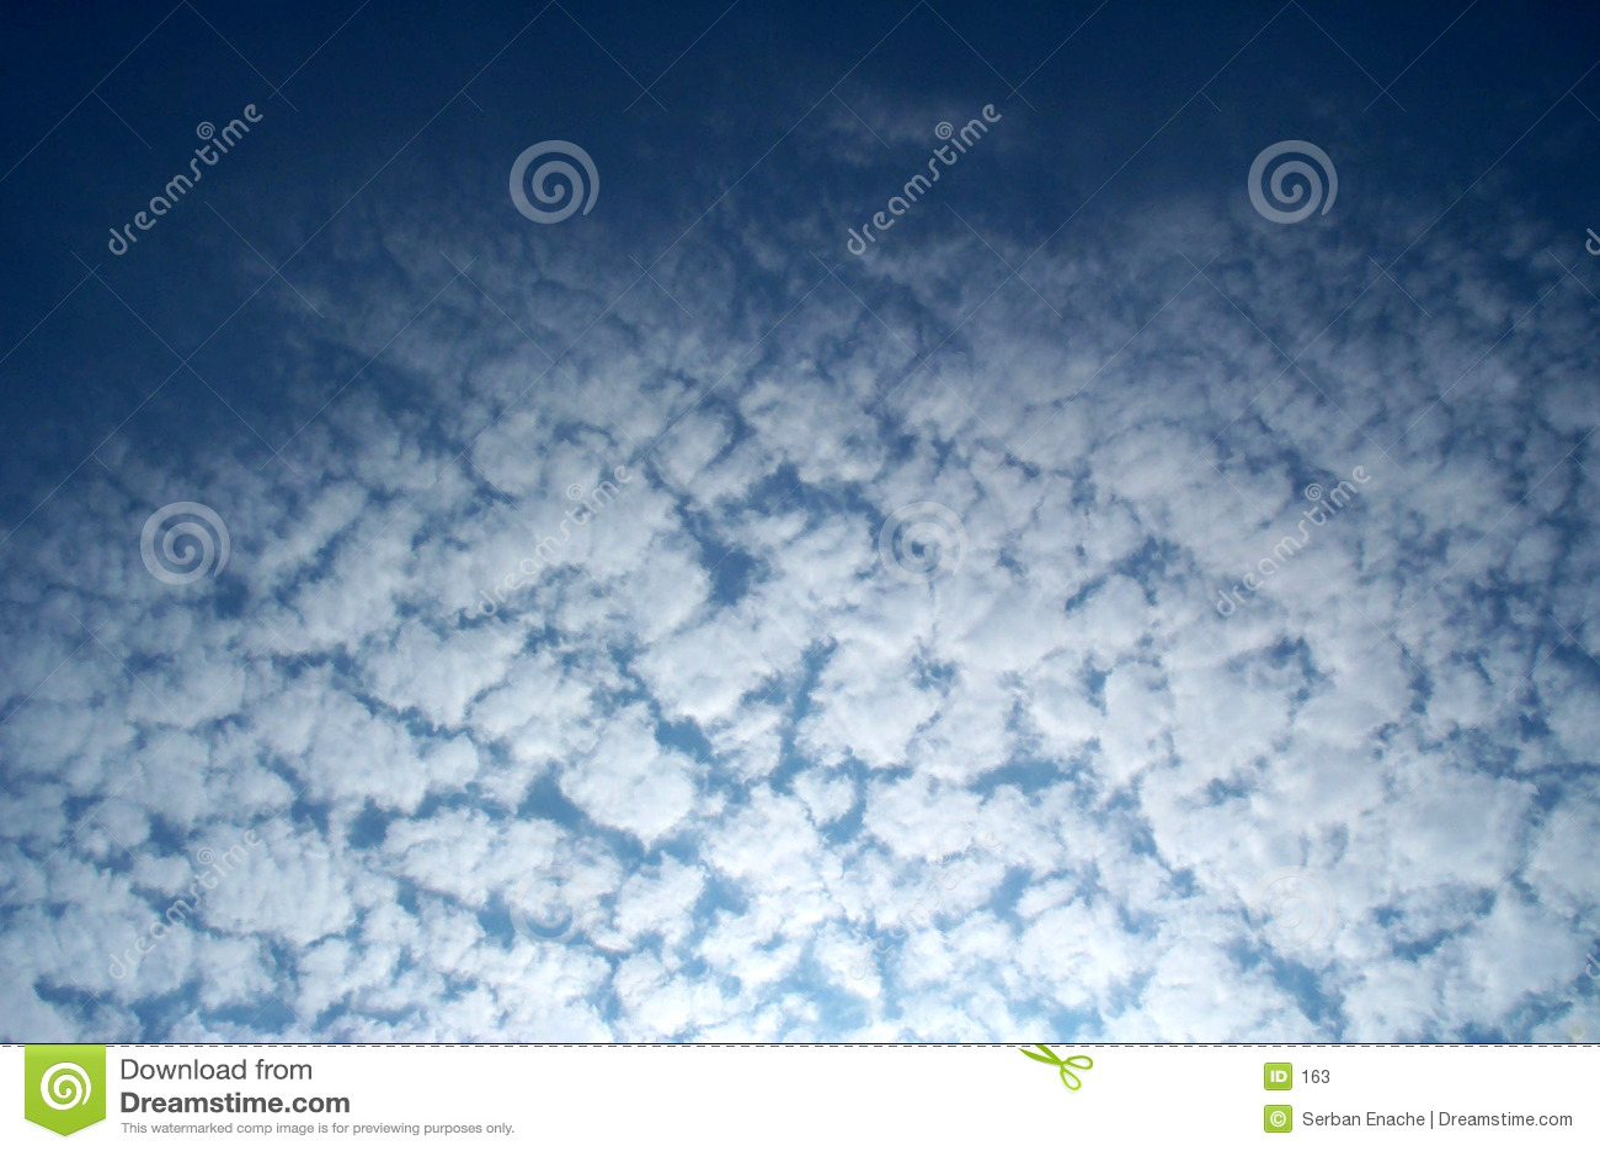 Cloud fractal